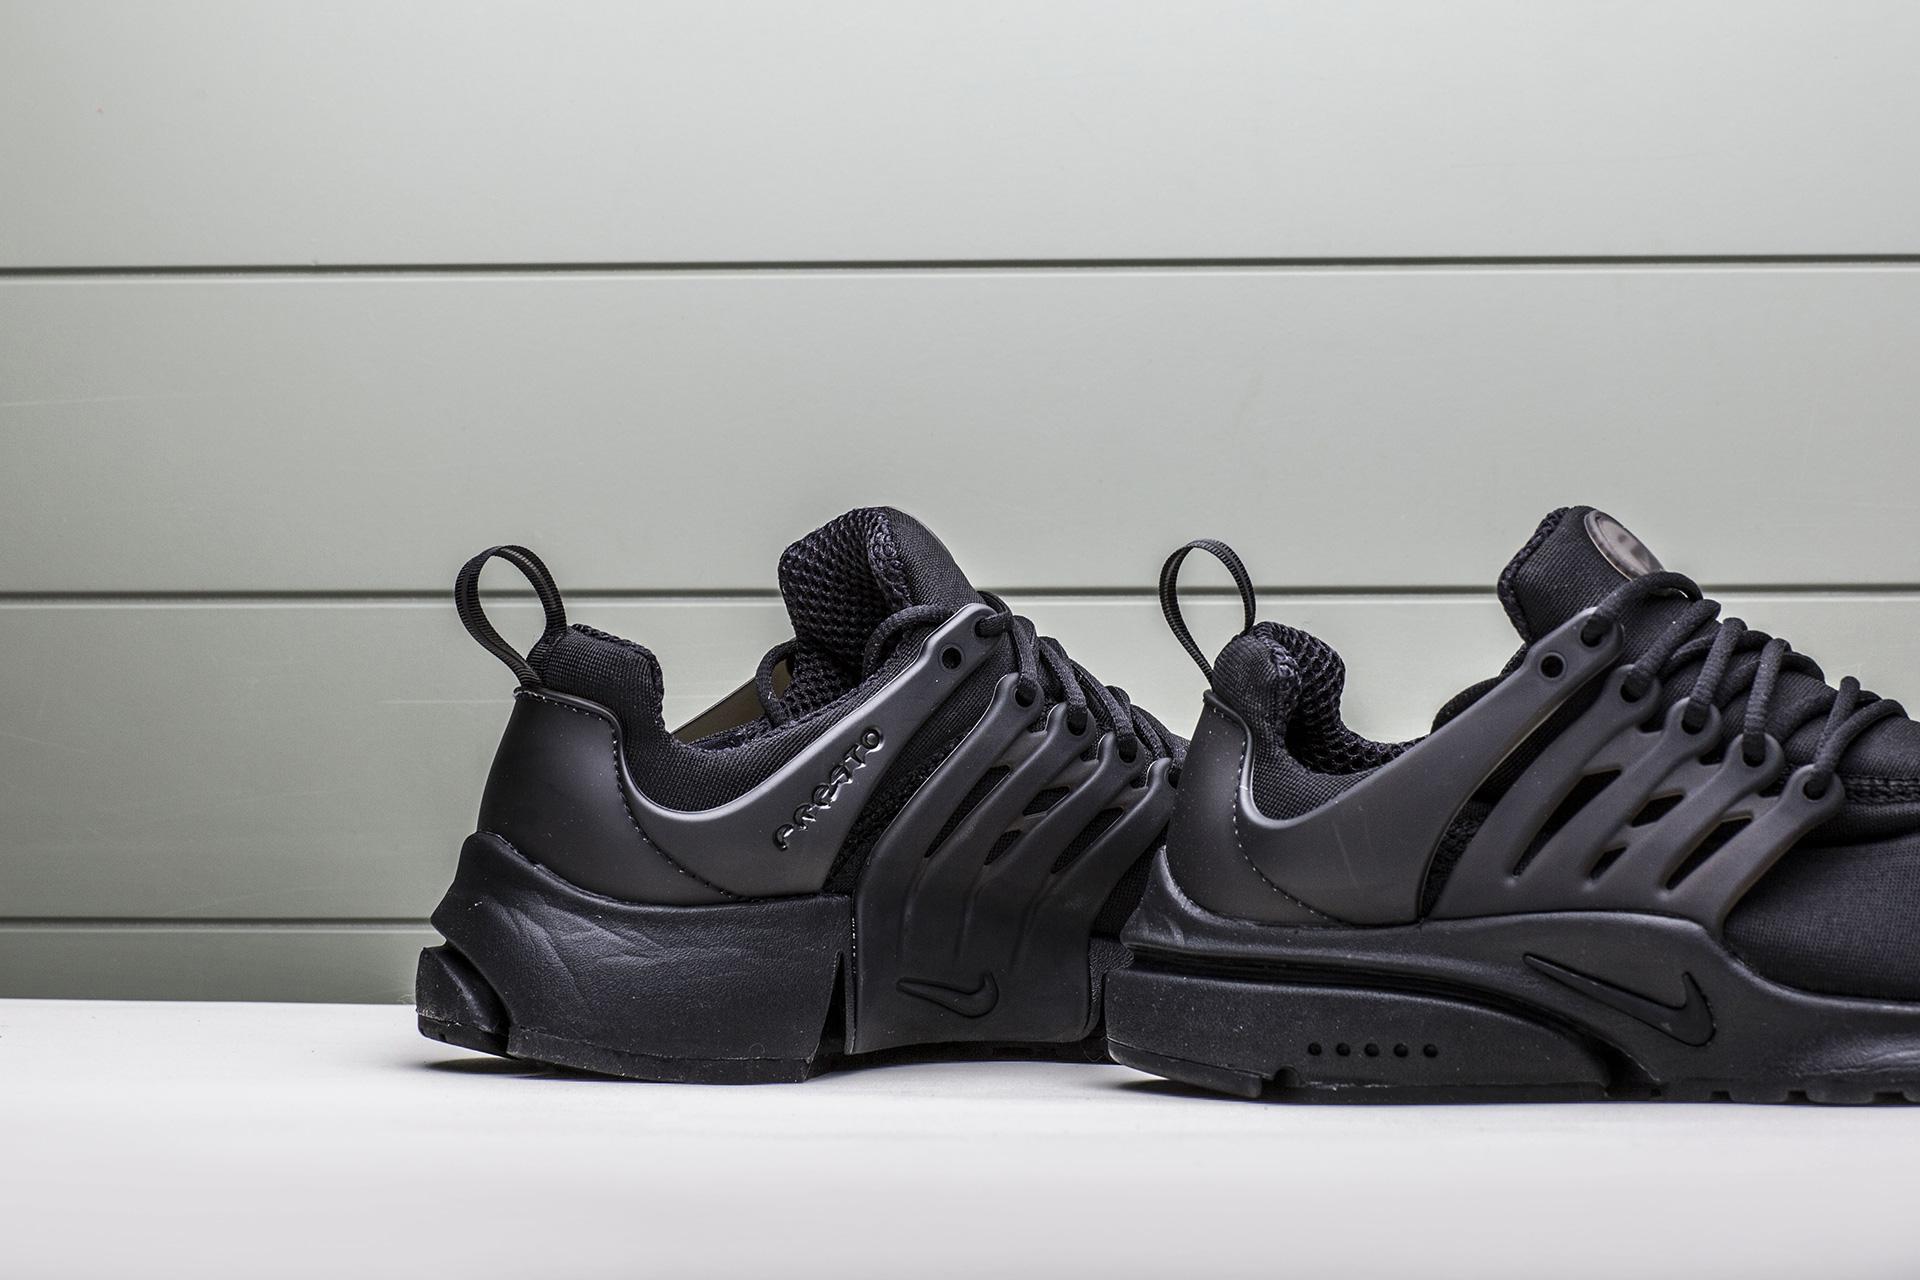 d3f1b569 ... Купить мужские черные кроссовки Nike Air Presto Essential - фото 4  картинки ...